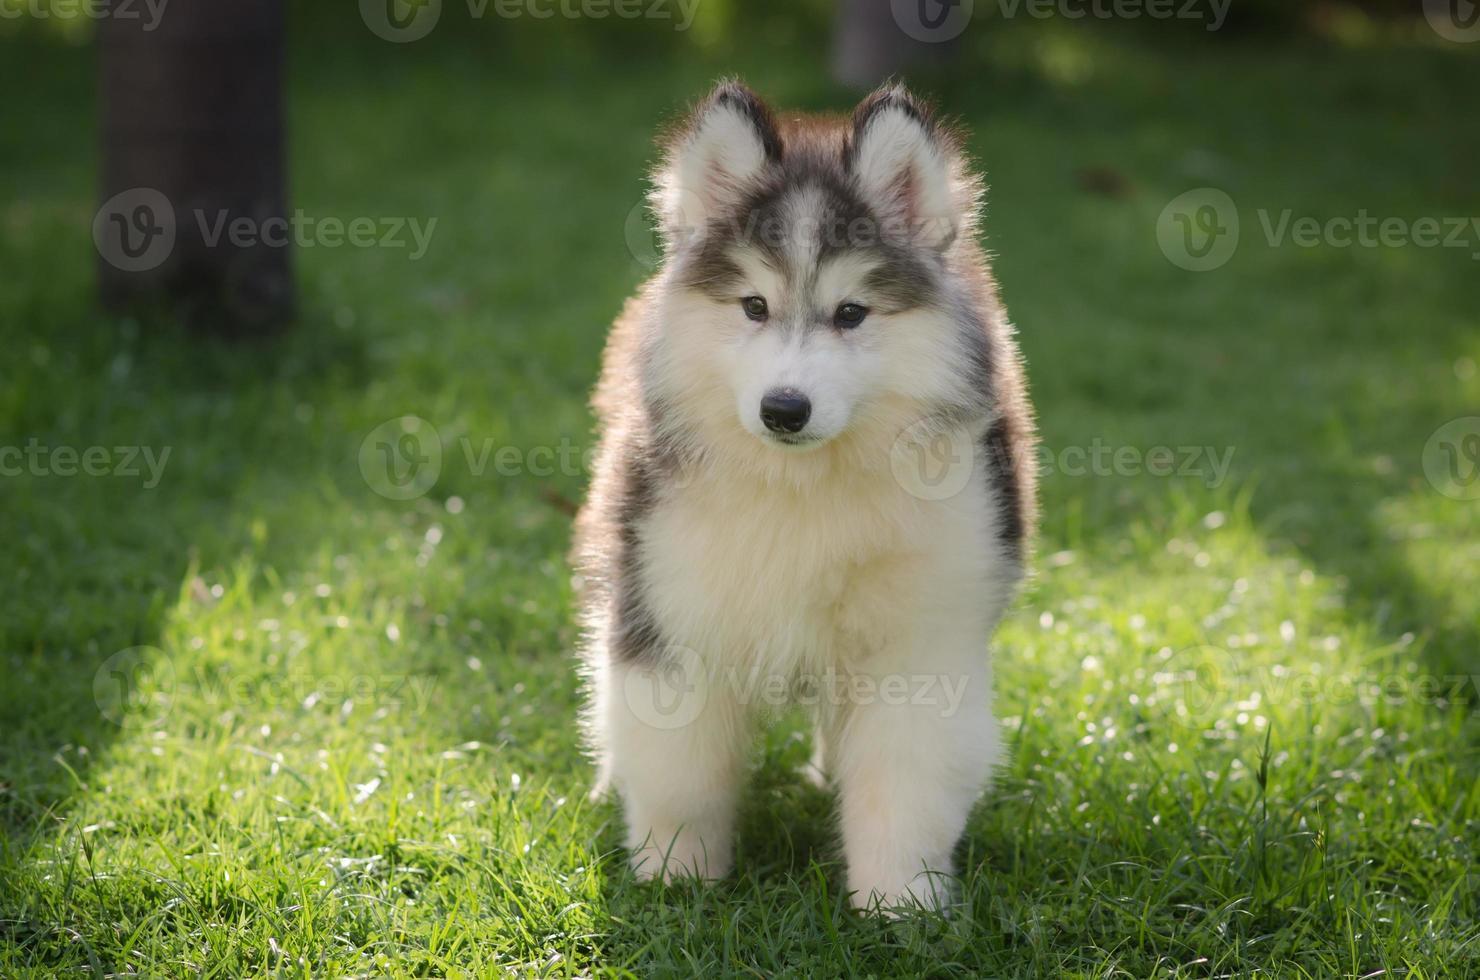 schattige kleine Siberische husky puppy spelen in groen gras foto